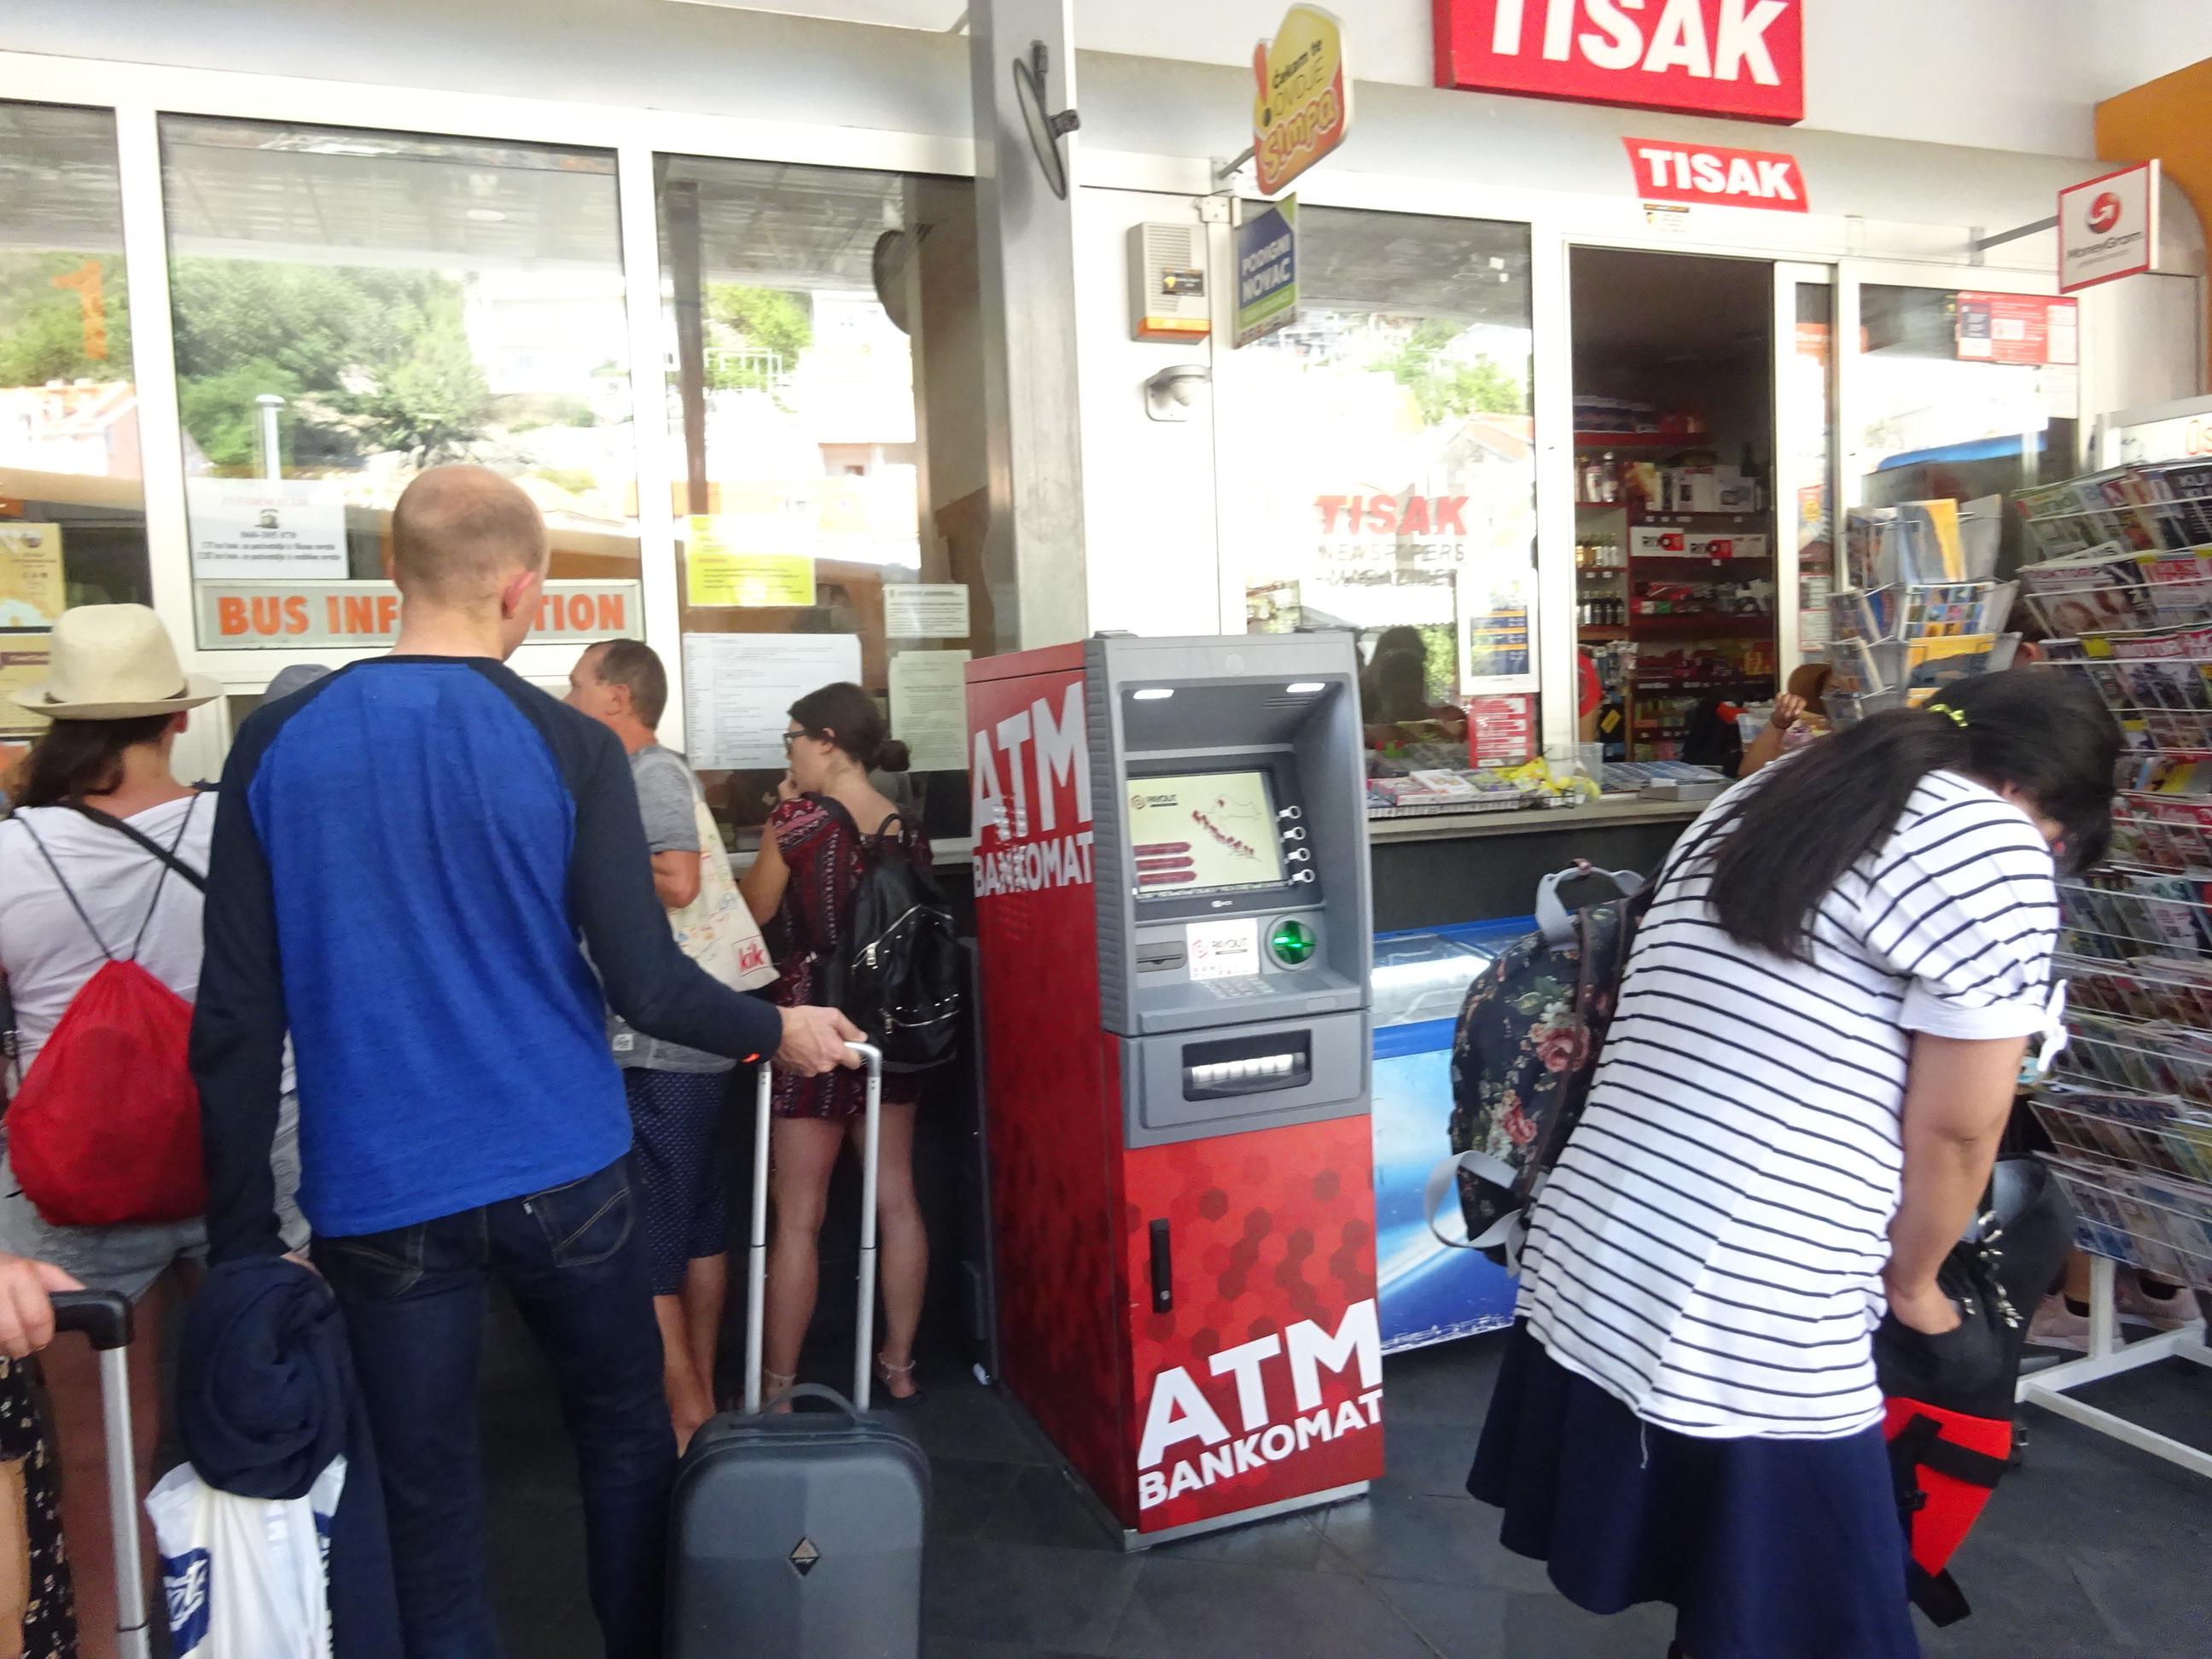 ドブロブニク「メインバスステーション」の海外ATMでクーナゲット!